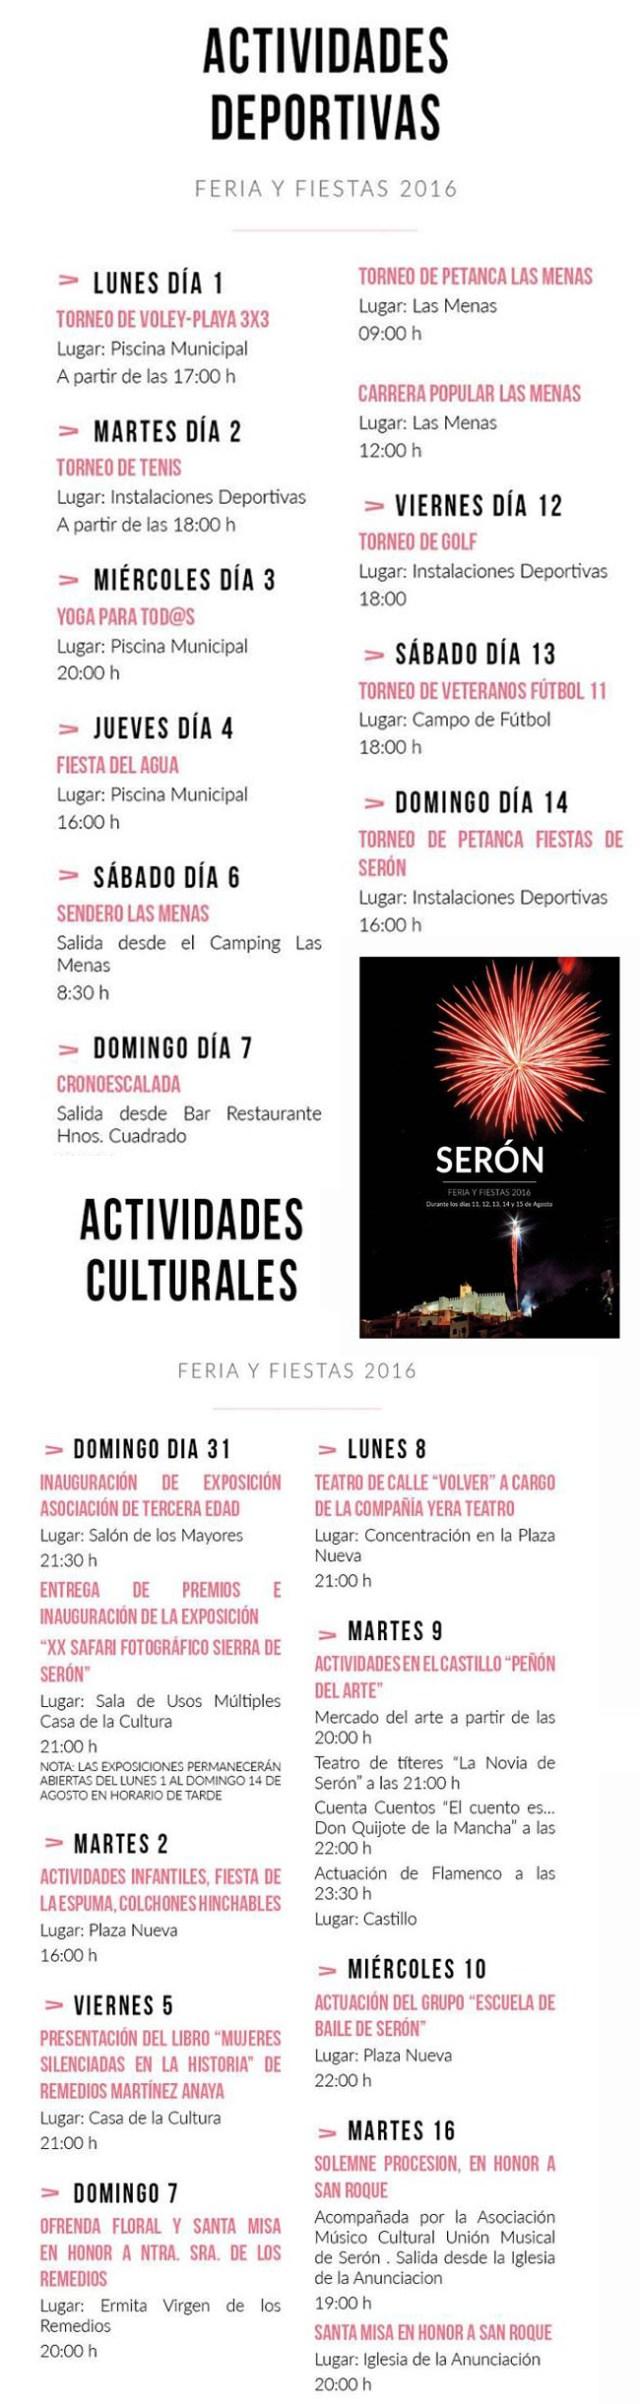 Seron-fiestas-2016